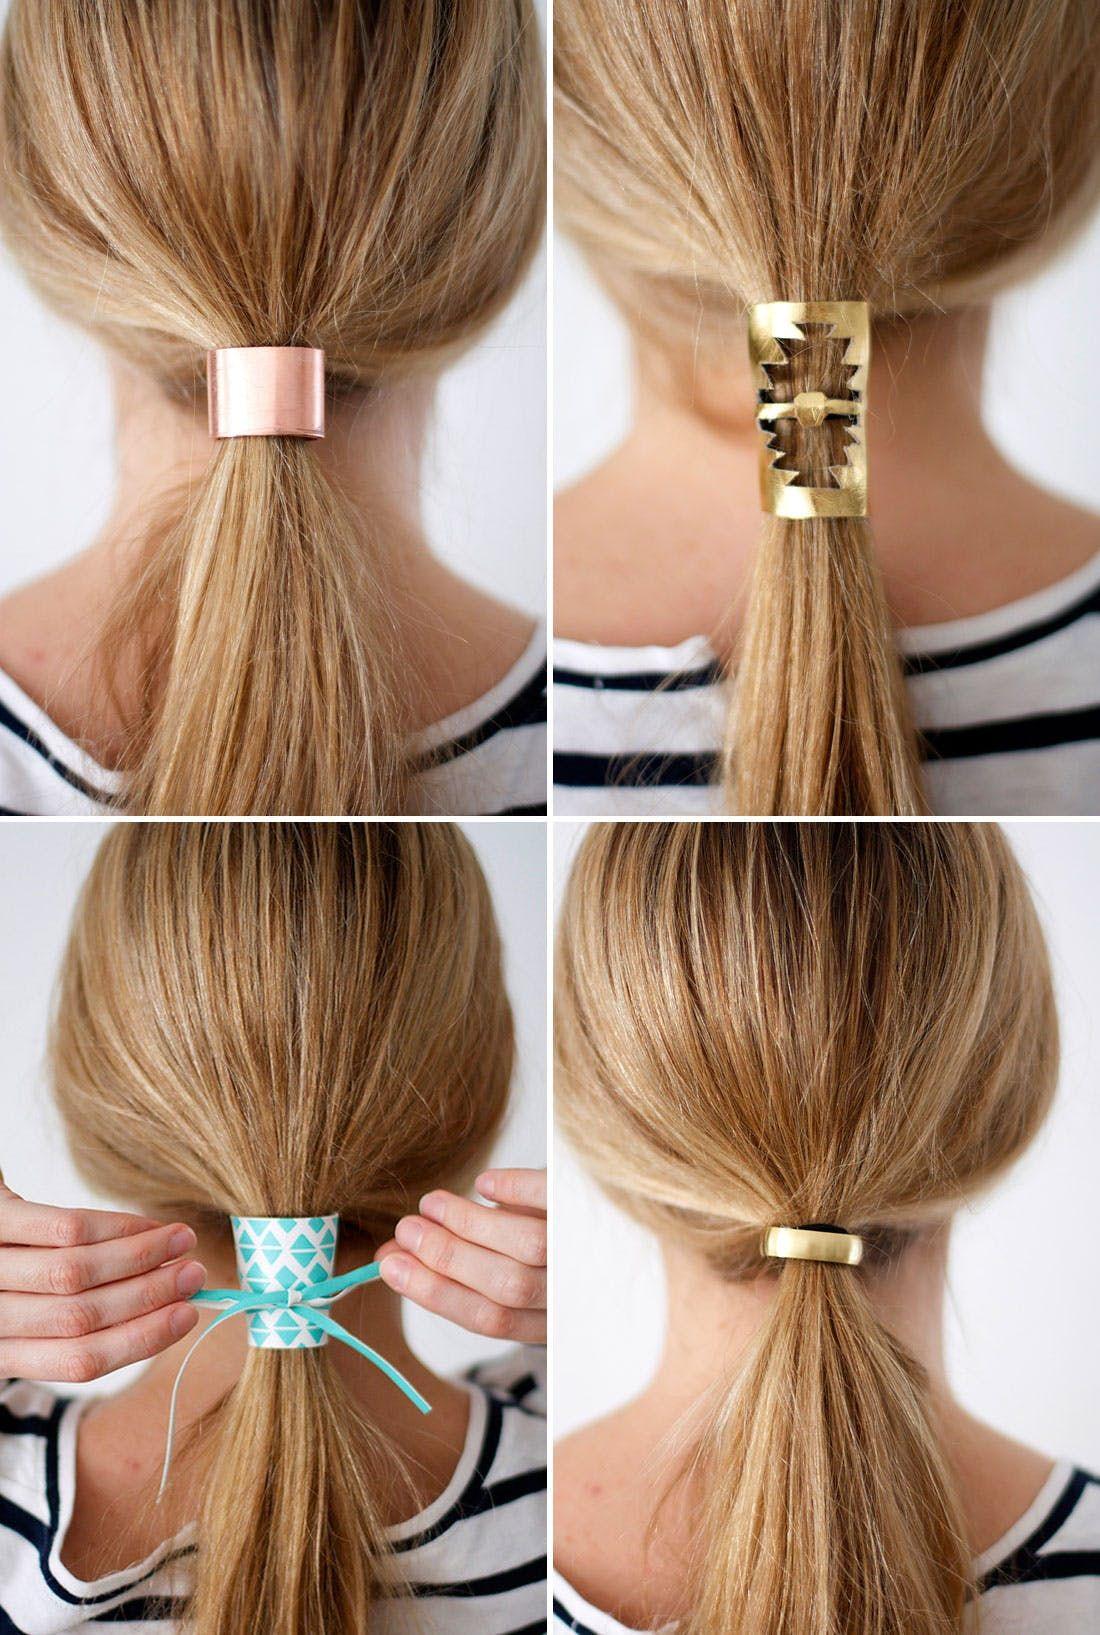 5a5987f0e81 Tie One On: 2 Materials, 4 DIY Hair Cuffs via Brit + Co   DIY ...